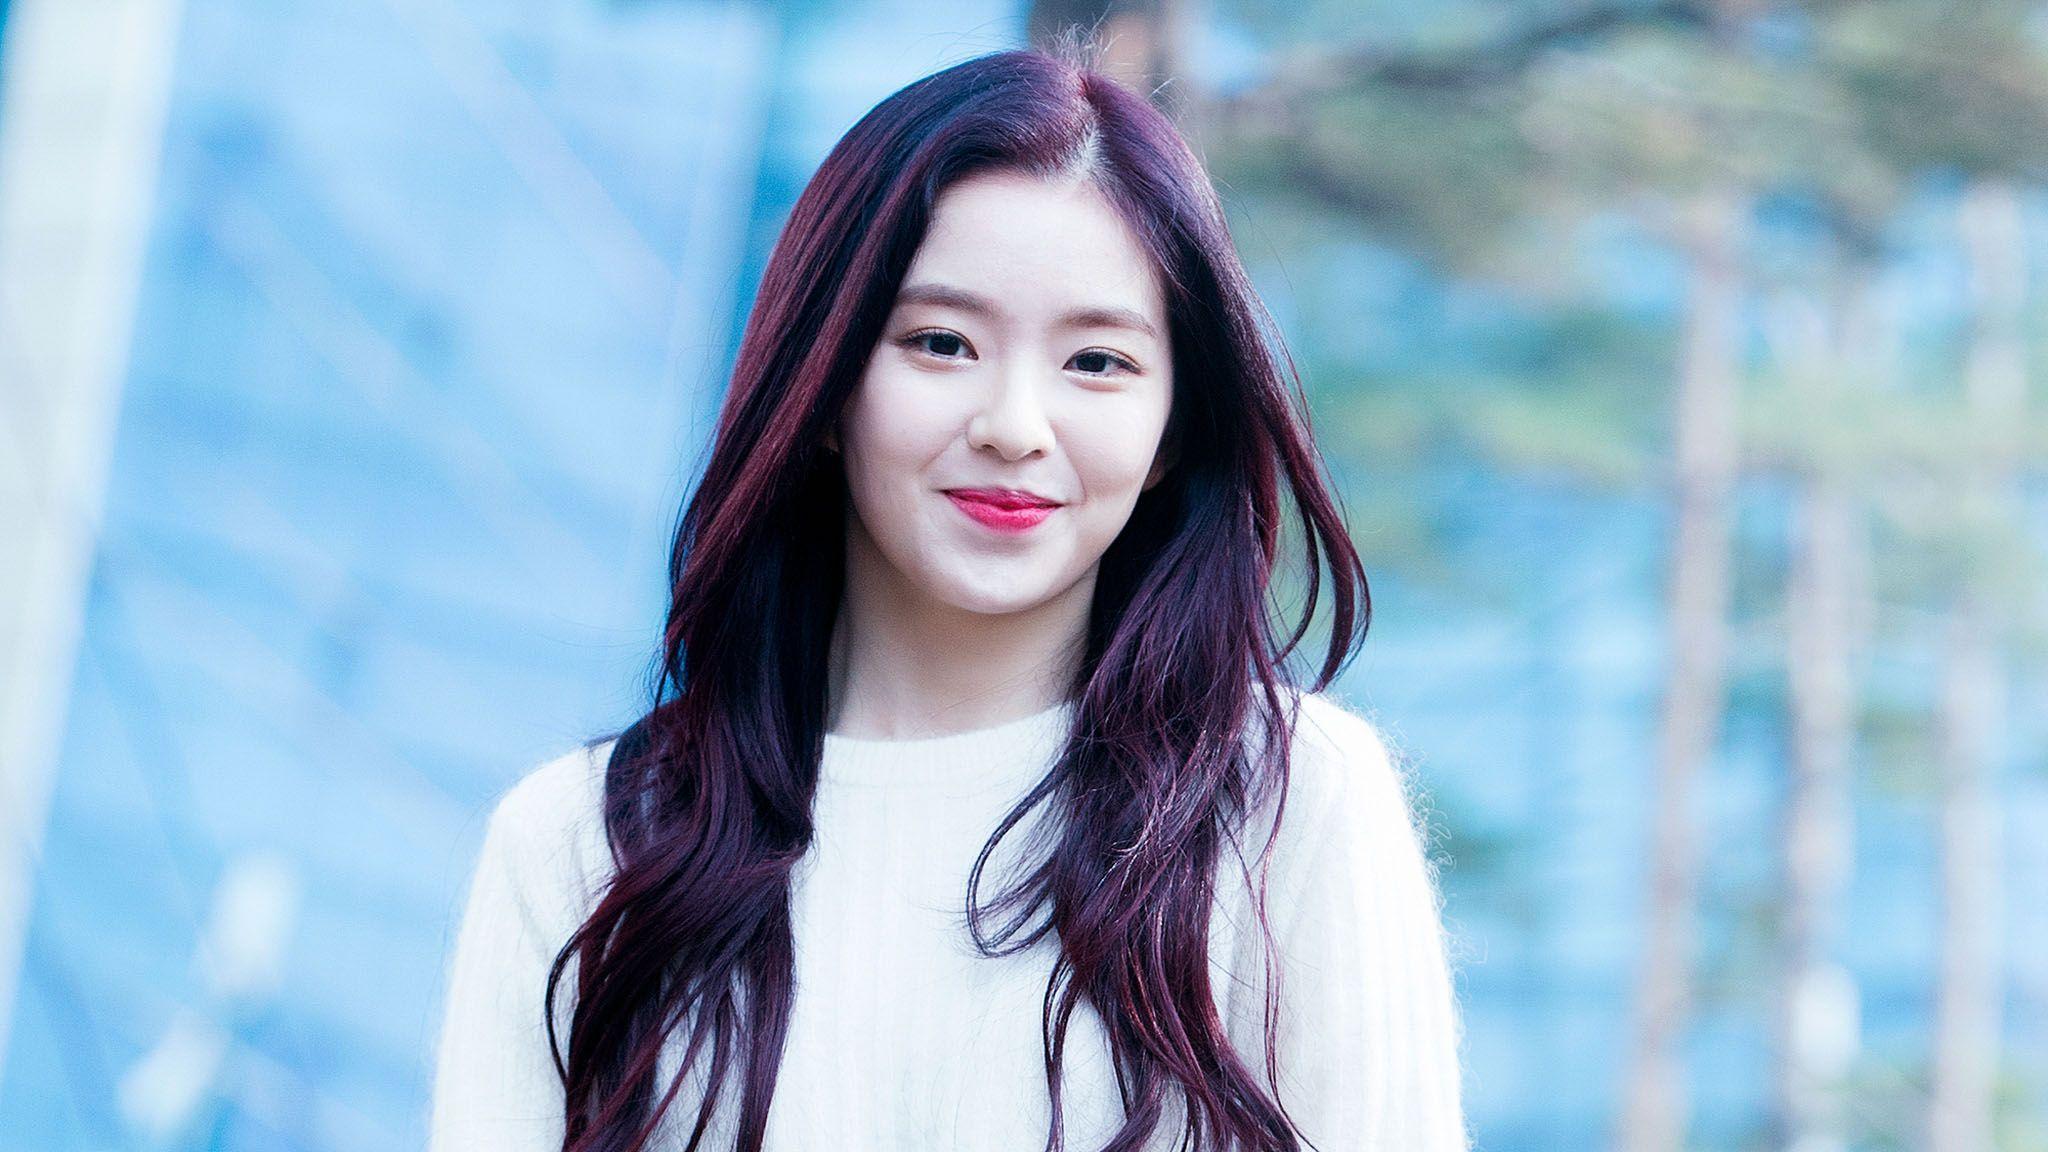 Irene Red Velvet Wallpapers Top Free Irene Red Velvet Backgrounds Wallpaperaccess